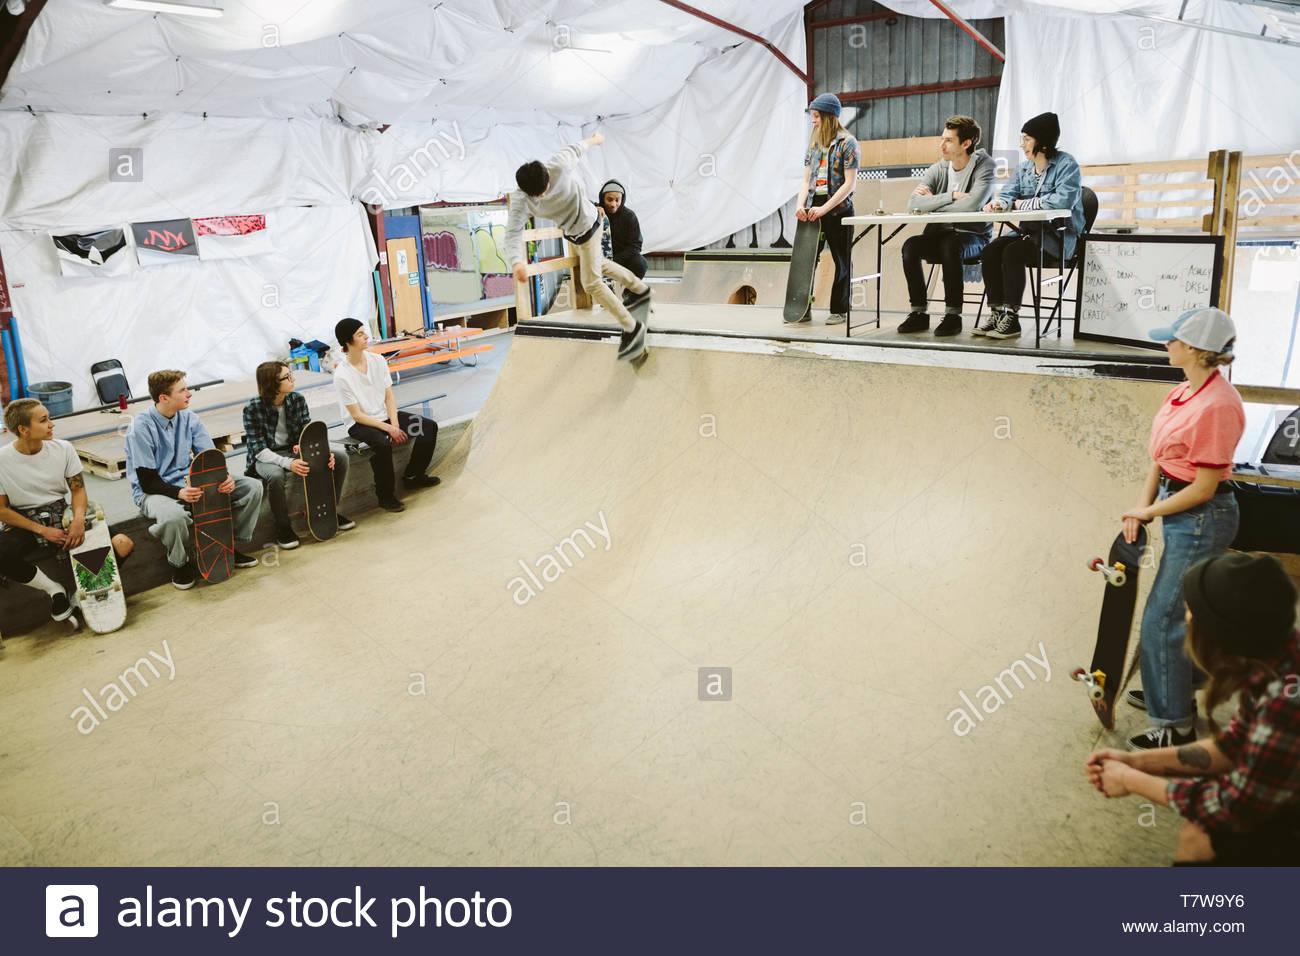 I giudici la visione di skateboard la concorrenza dalla parte superiore della rampa a indoor skate park Immagini Stock